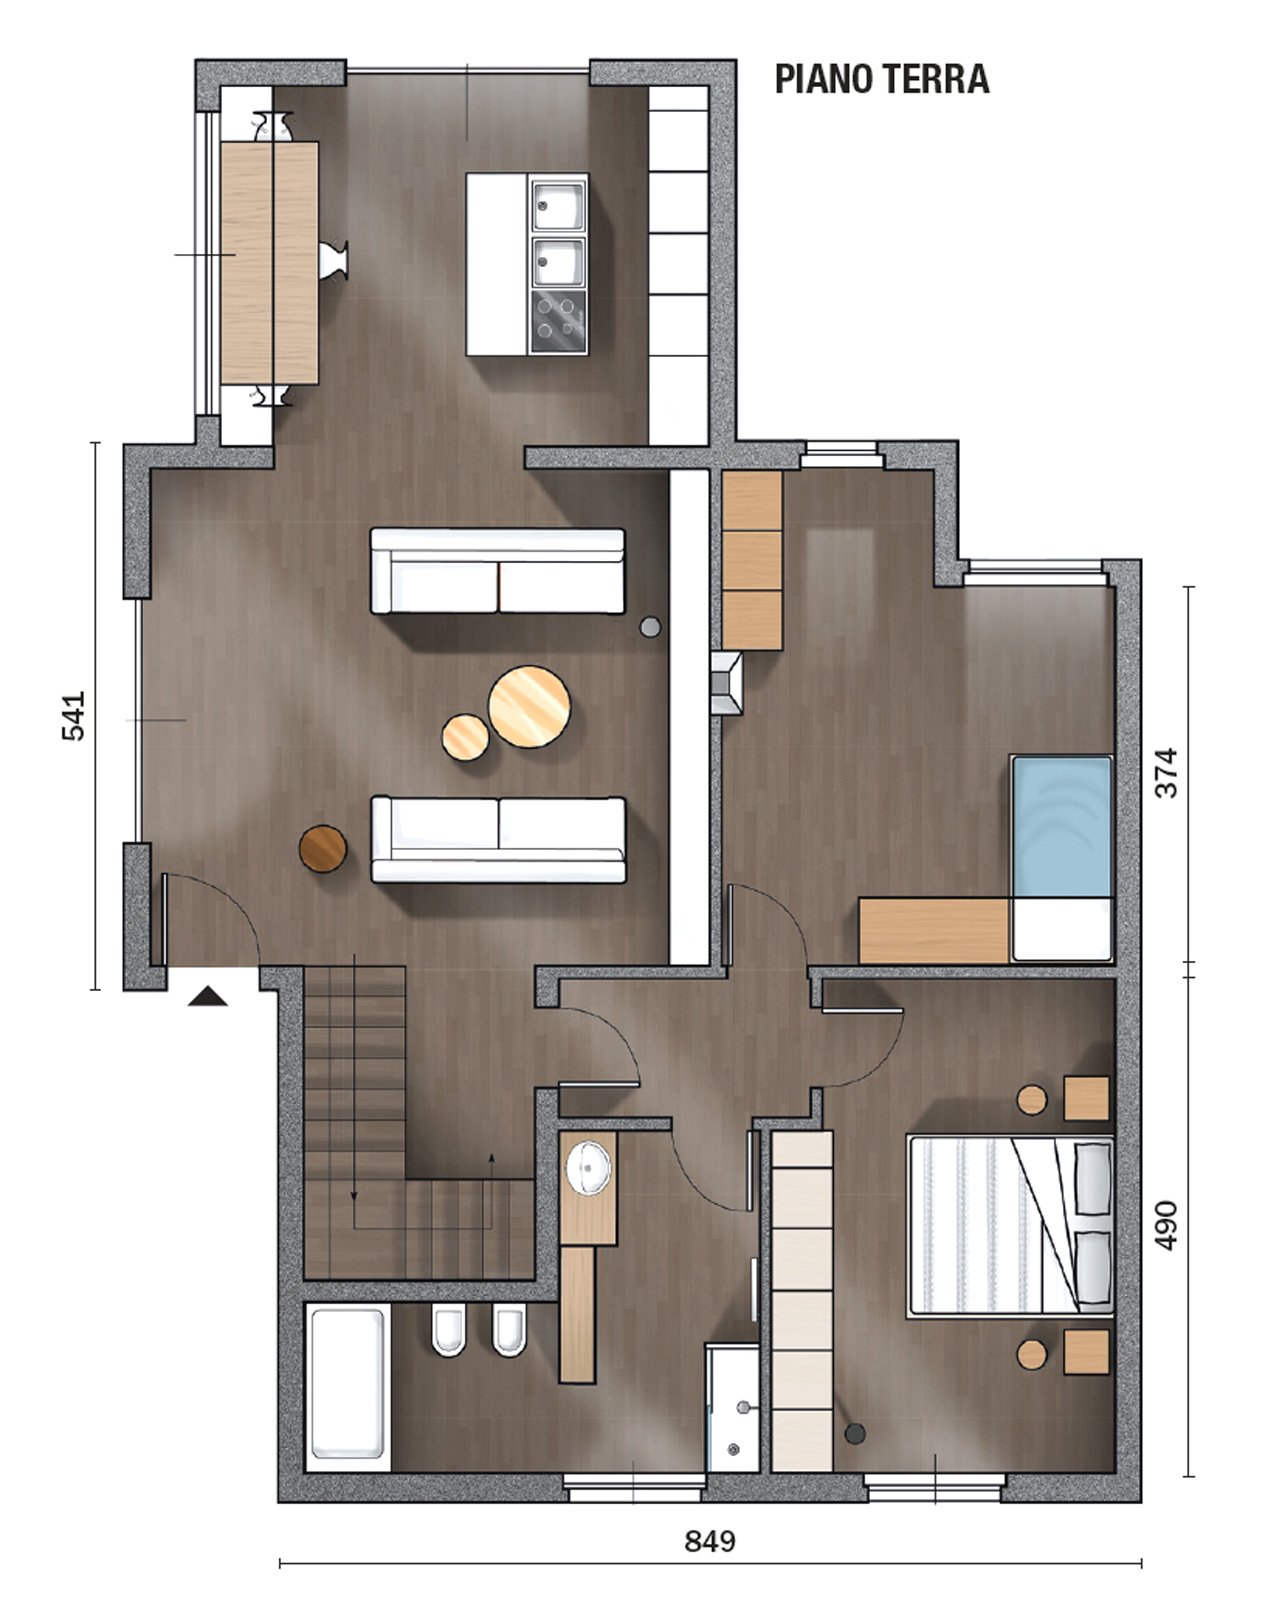 145 mq terra tetto ampi volumi a doppia altezza come in for Progetti di loft di stoccaggio garage